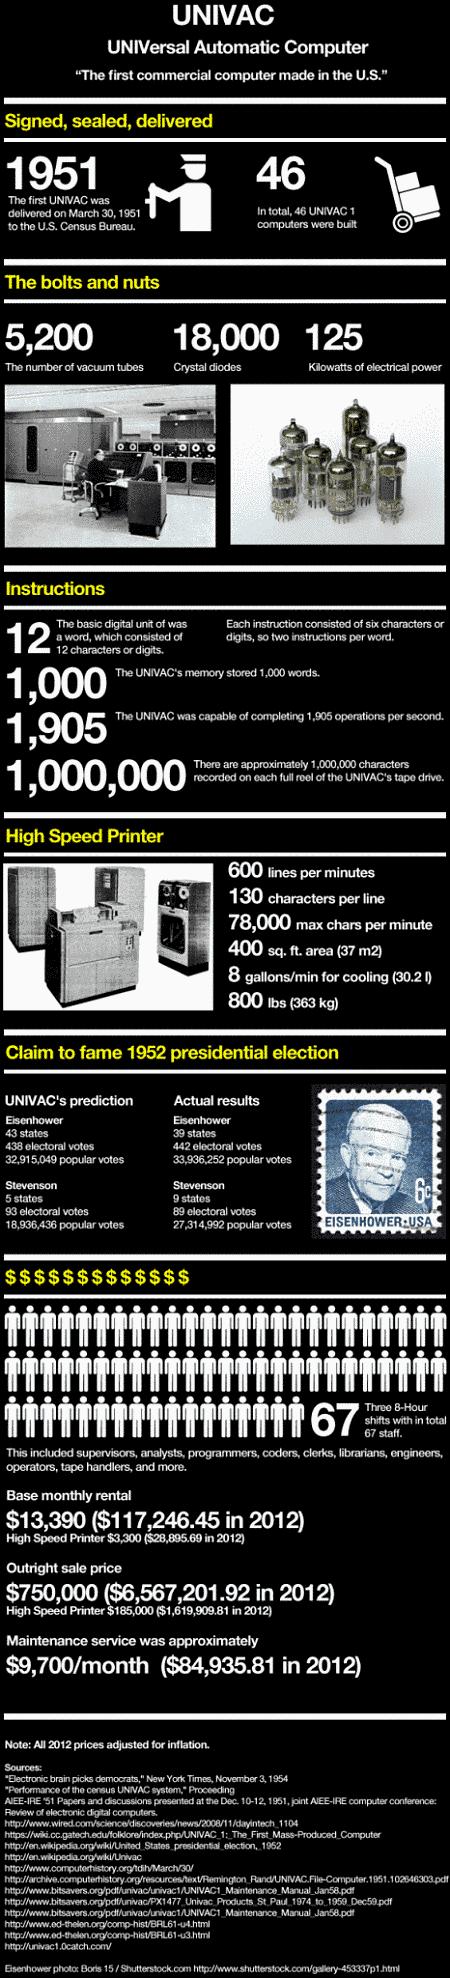 Actualidad Informática. UNIVAC, primer ordenador comercial hecho en EE.UU.. Rafael Barzanallana